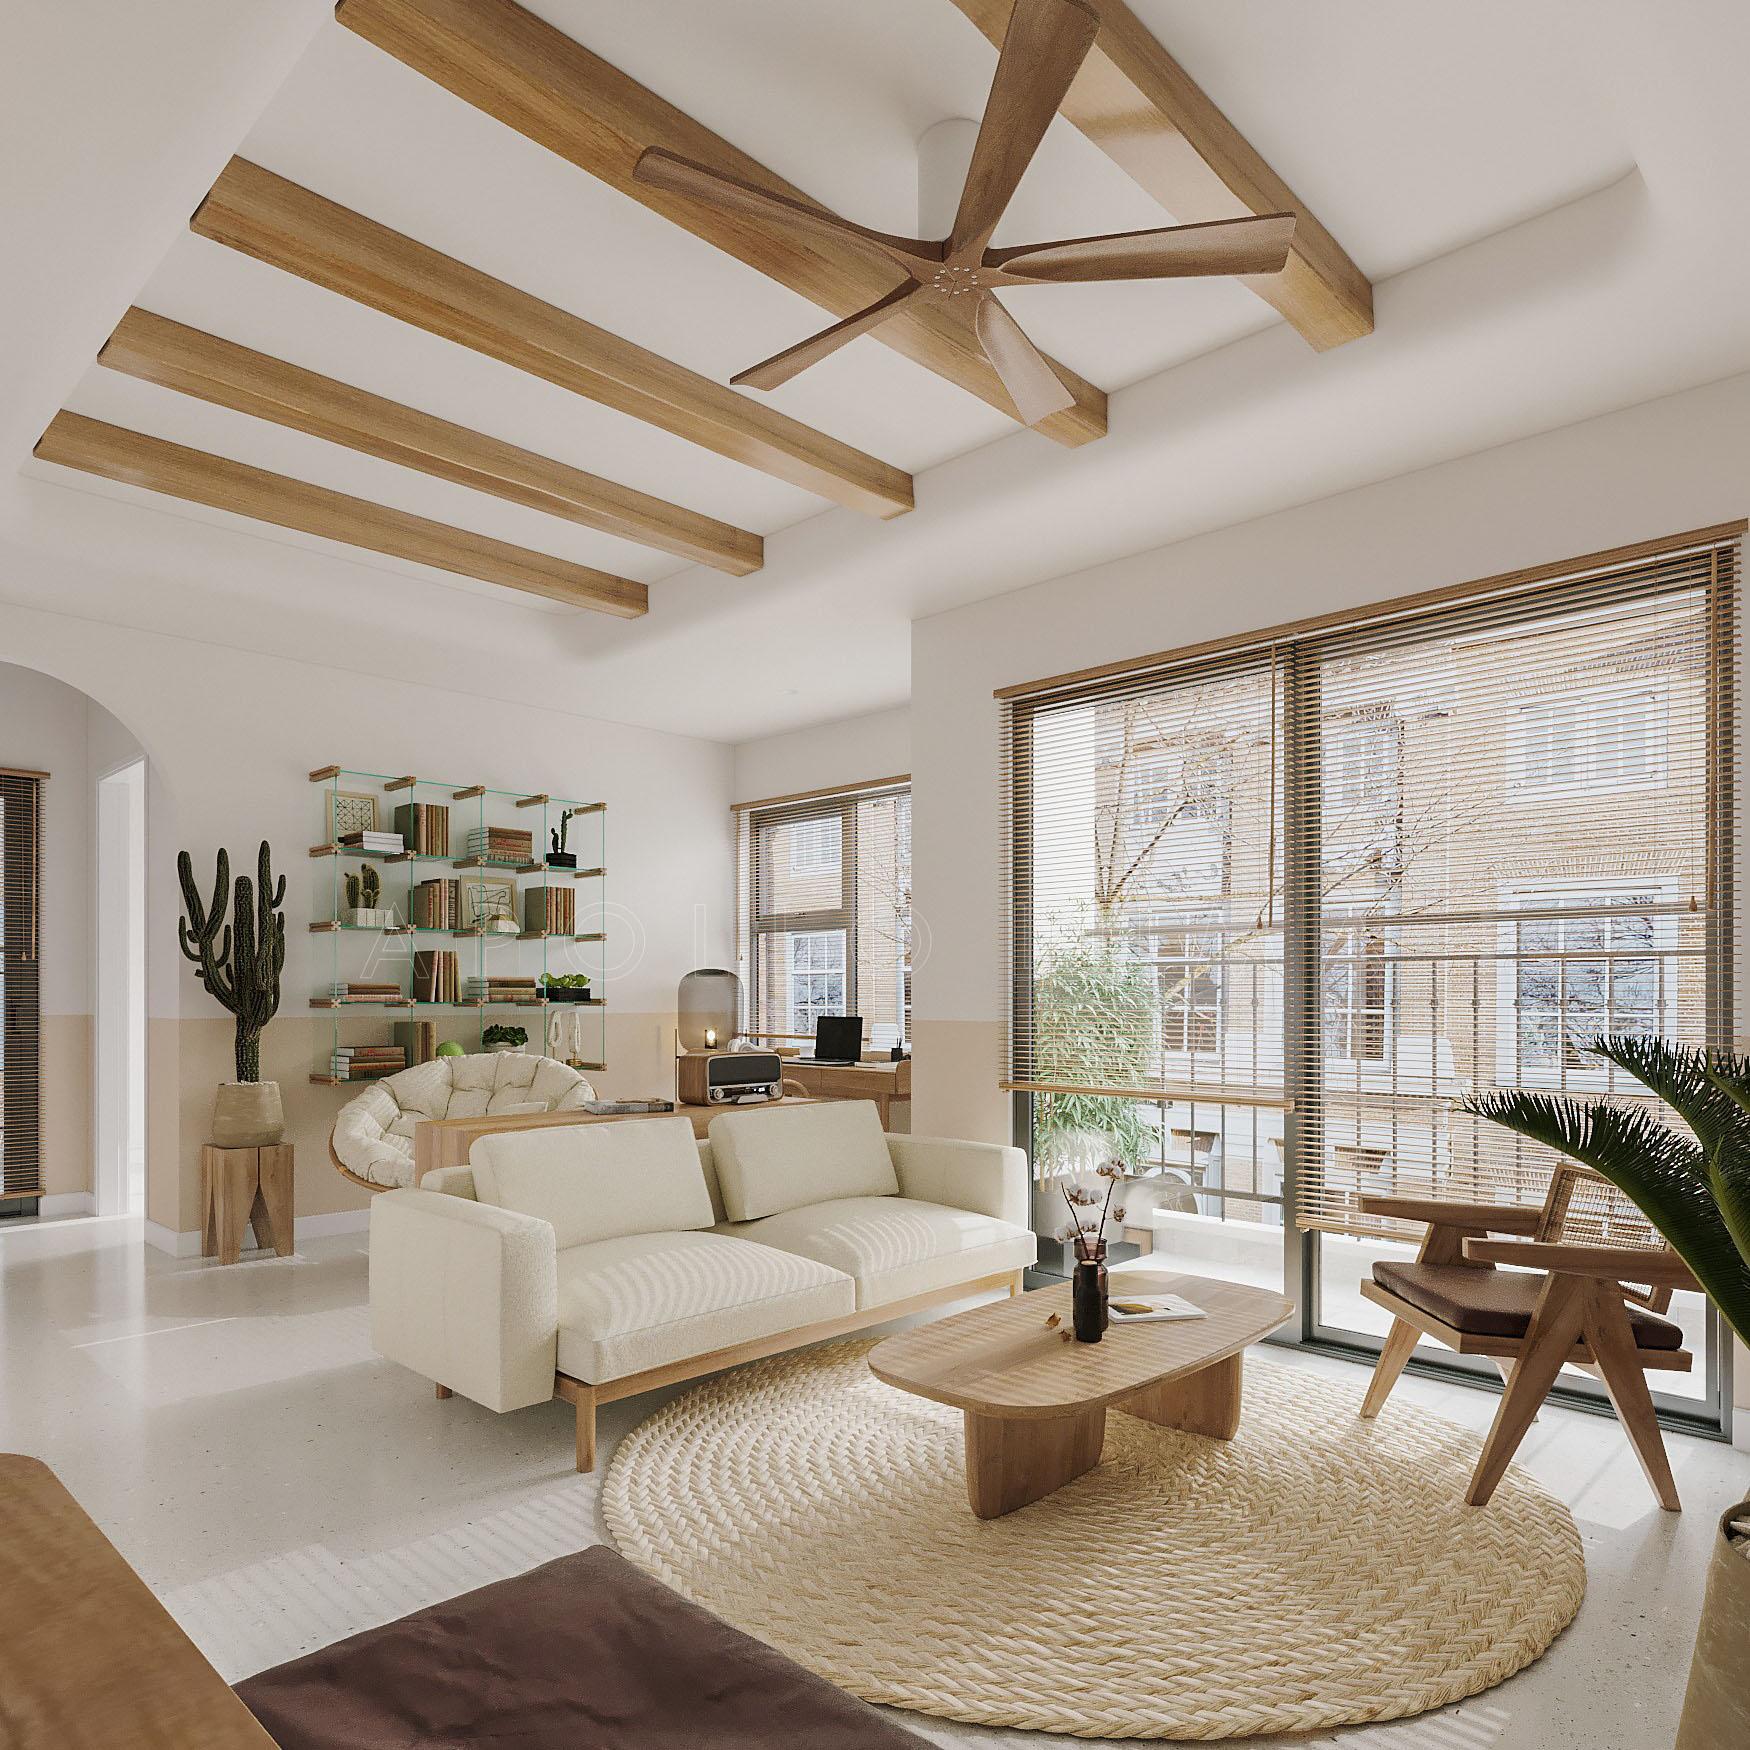 Thiết kế nội thất căn 2PN+1 (65m2) S2.03-26 Vinhomes Ocean Park phong cách Tropical